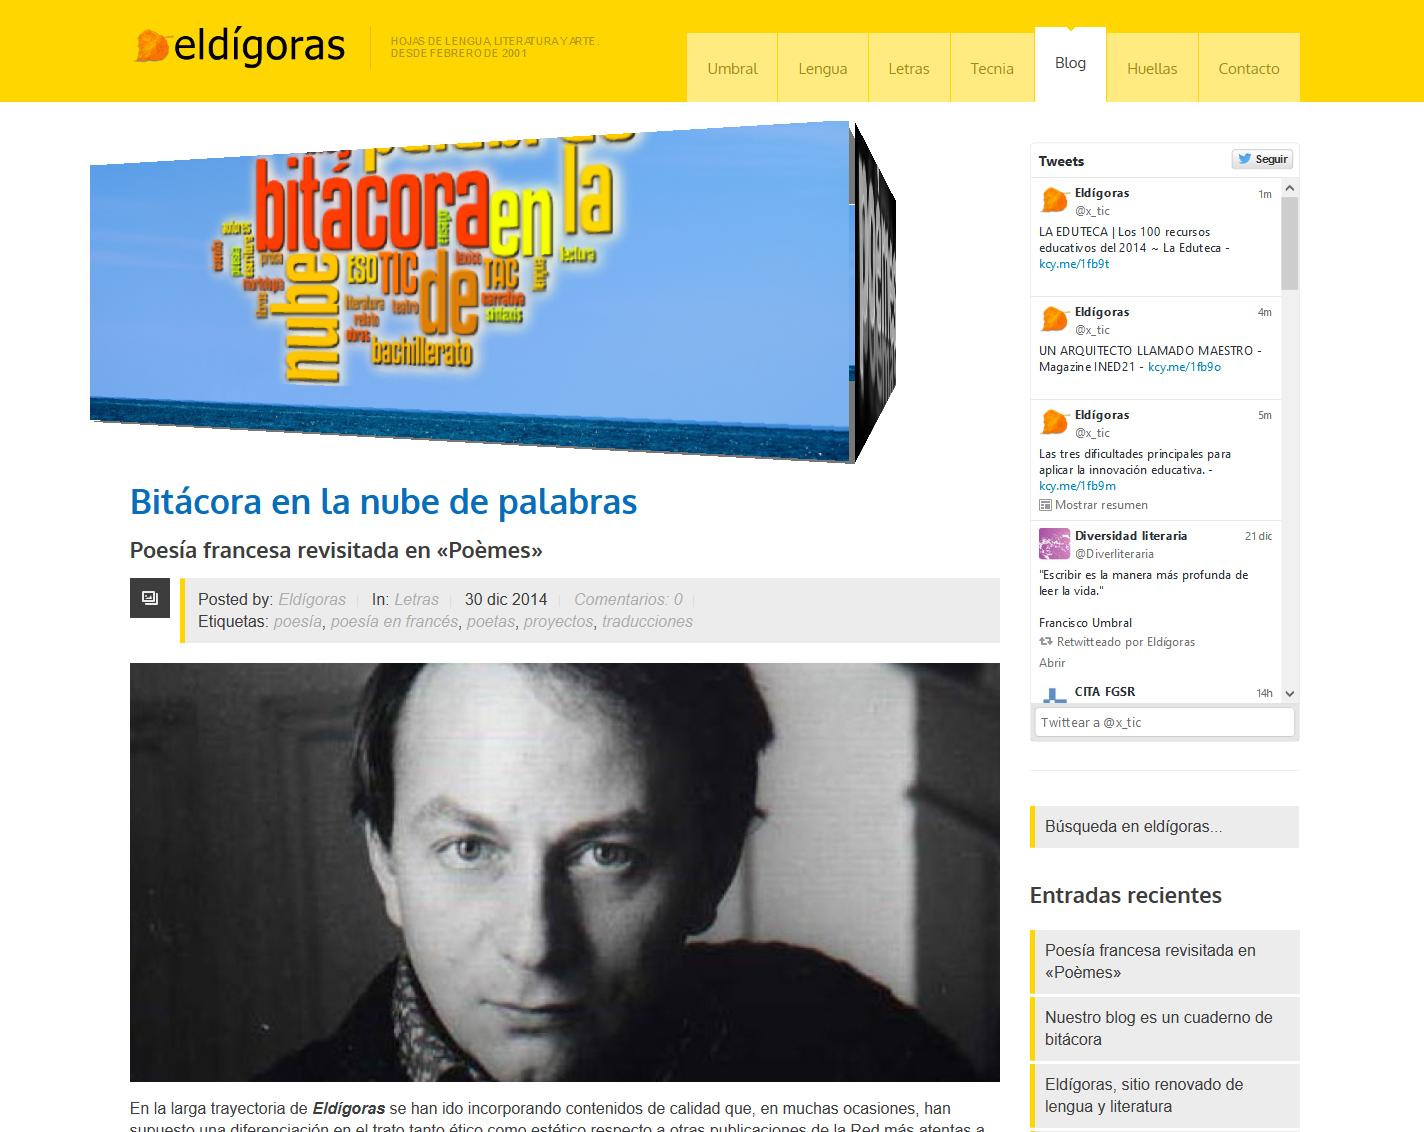 La nueva Bitácora en Eldígoras.com